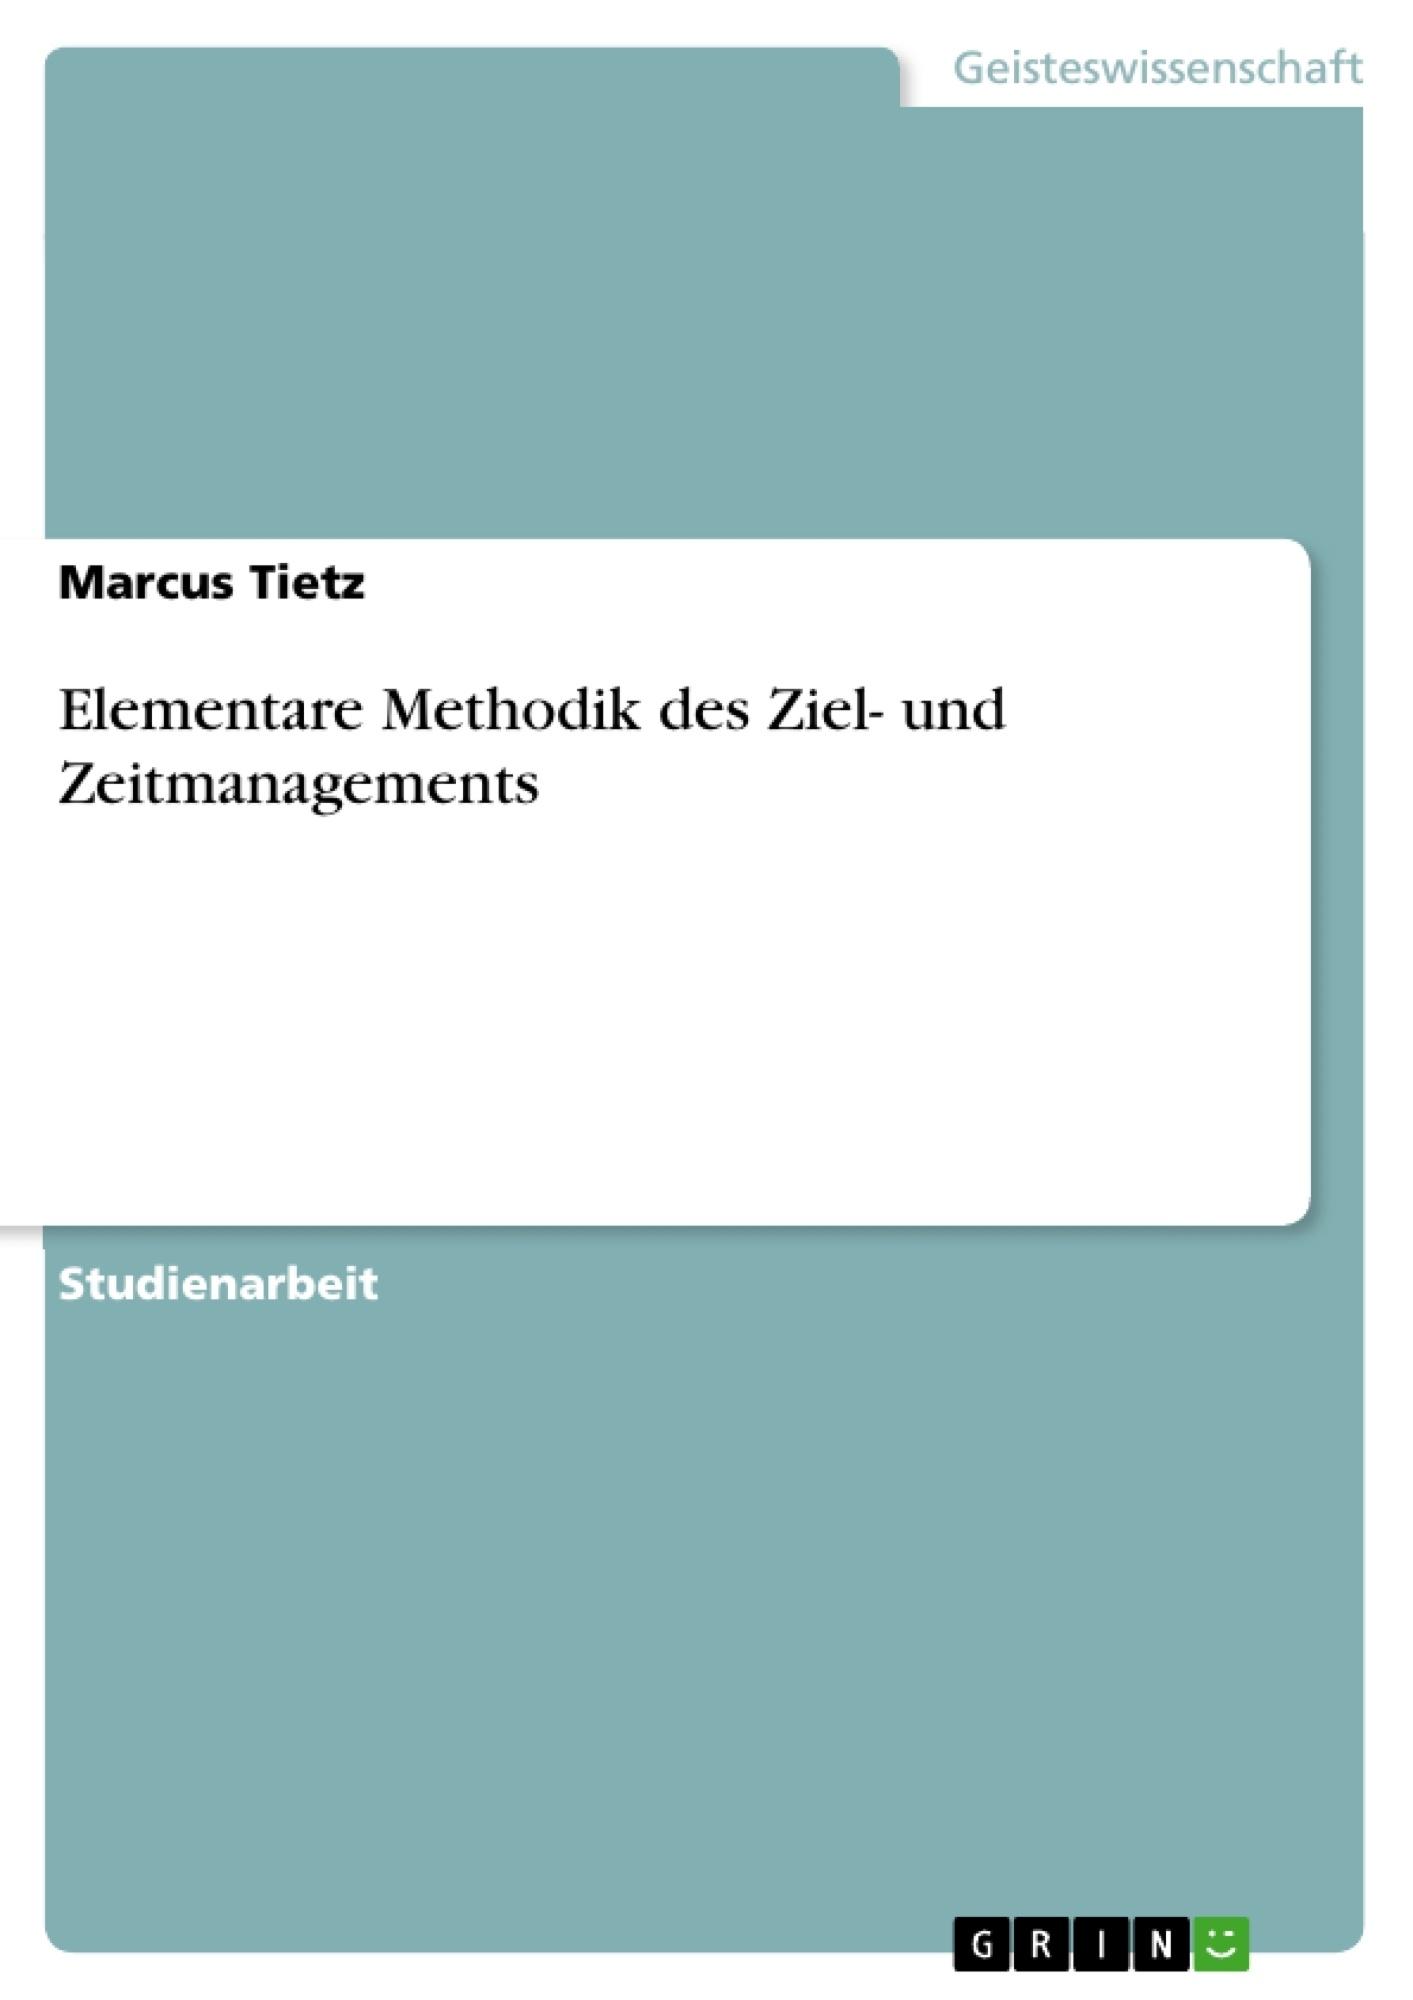 Titel: Elementare Methodik des Ziel- und Zeitmanagements